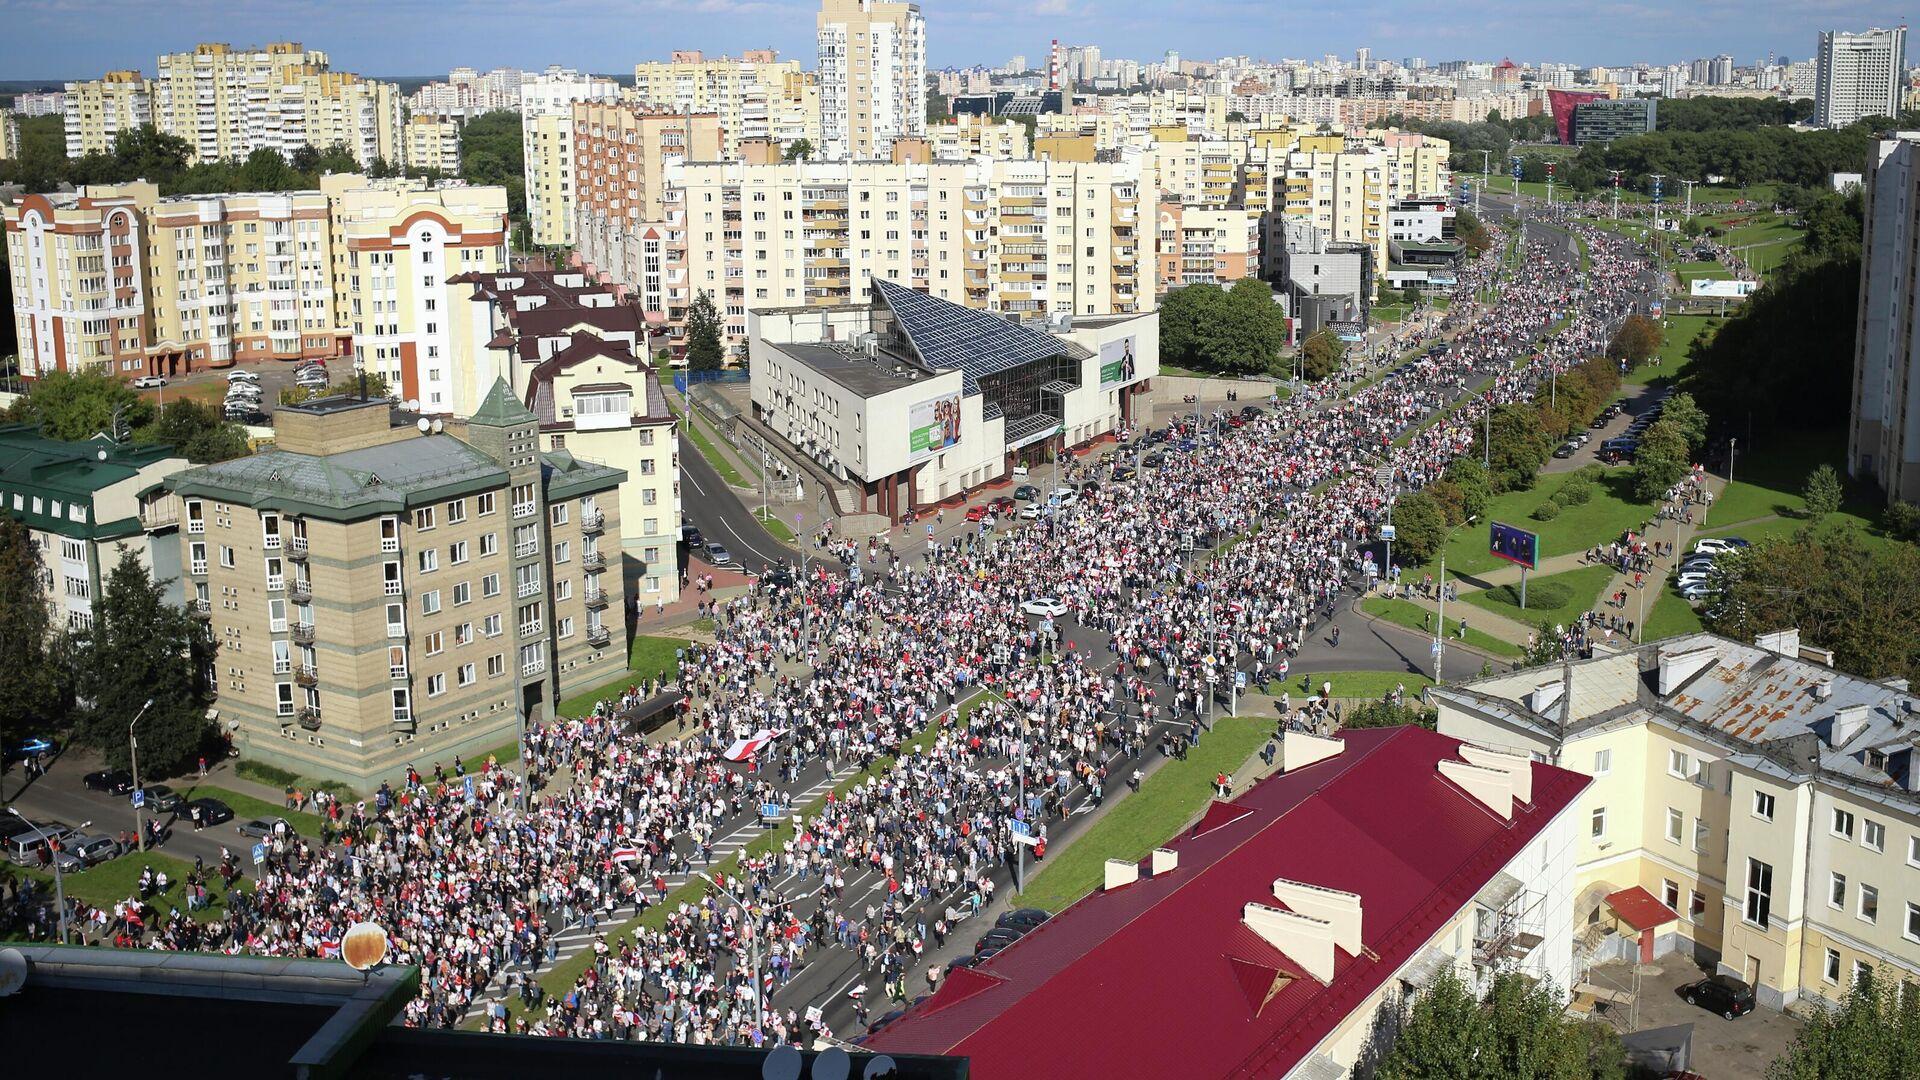 Участники несанкционированной акции оппозиции в Минске - РИА Новости, 1920, 18.09.2020